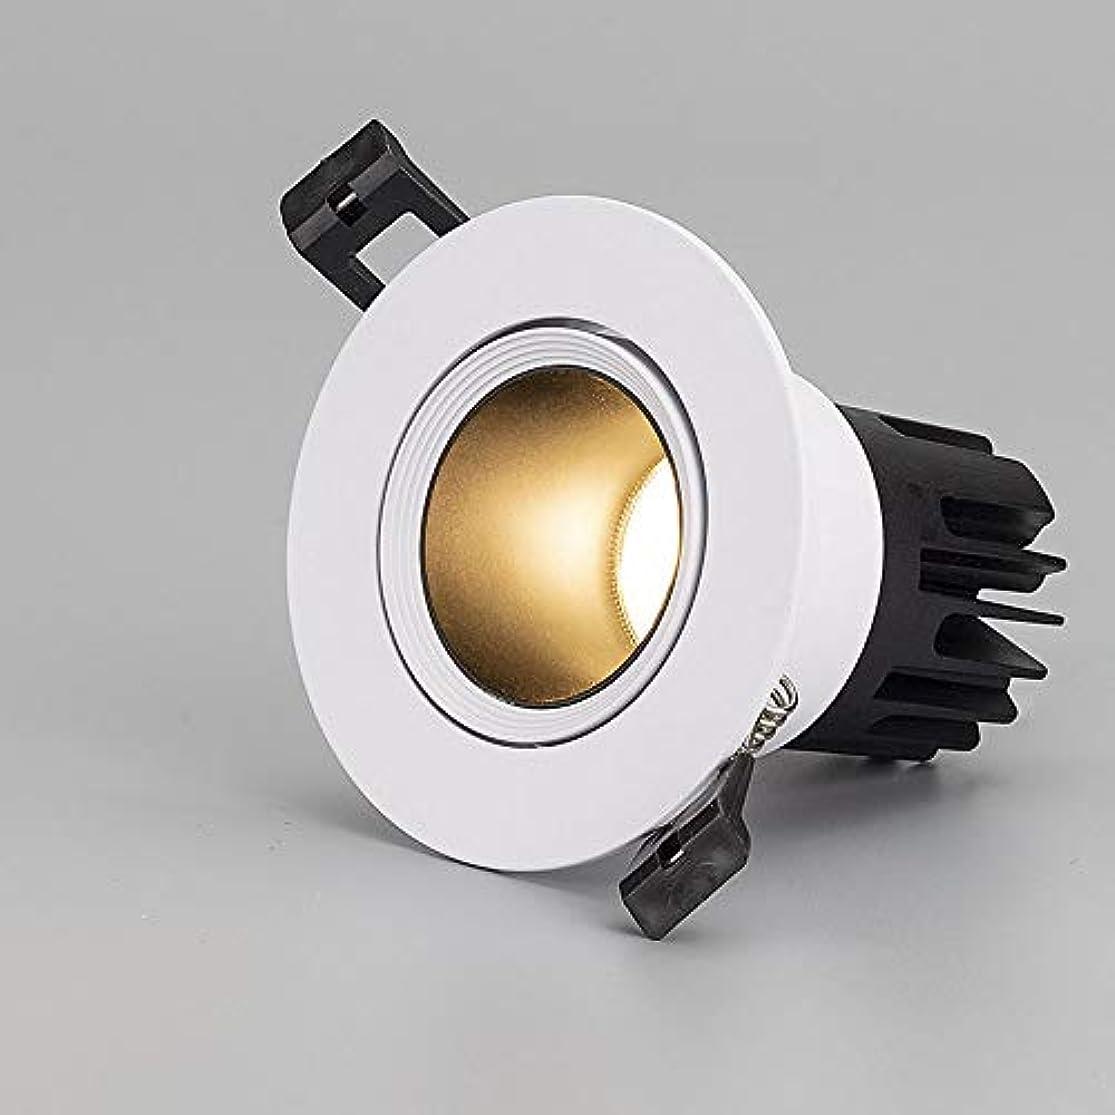 嫌なストッキング続編AEDWQ 5ワット/ 7ワット/ 10ワット/ 15ワット/ 20ワット/ 30ワット凹型シーリングライトLEDダウンライト角度調整3000K / 4000K / 6000K CETLus認定、111V-240V (Color : White light -20w)